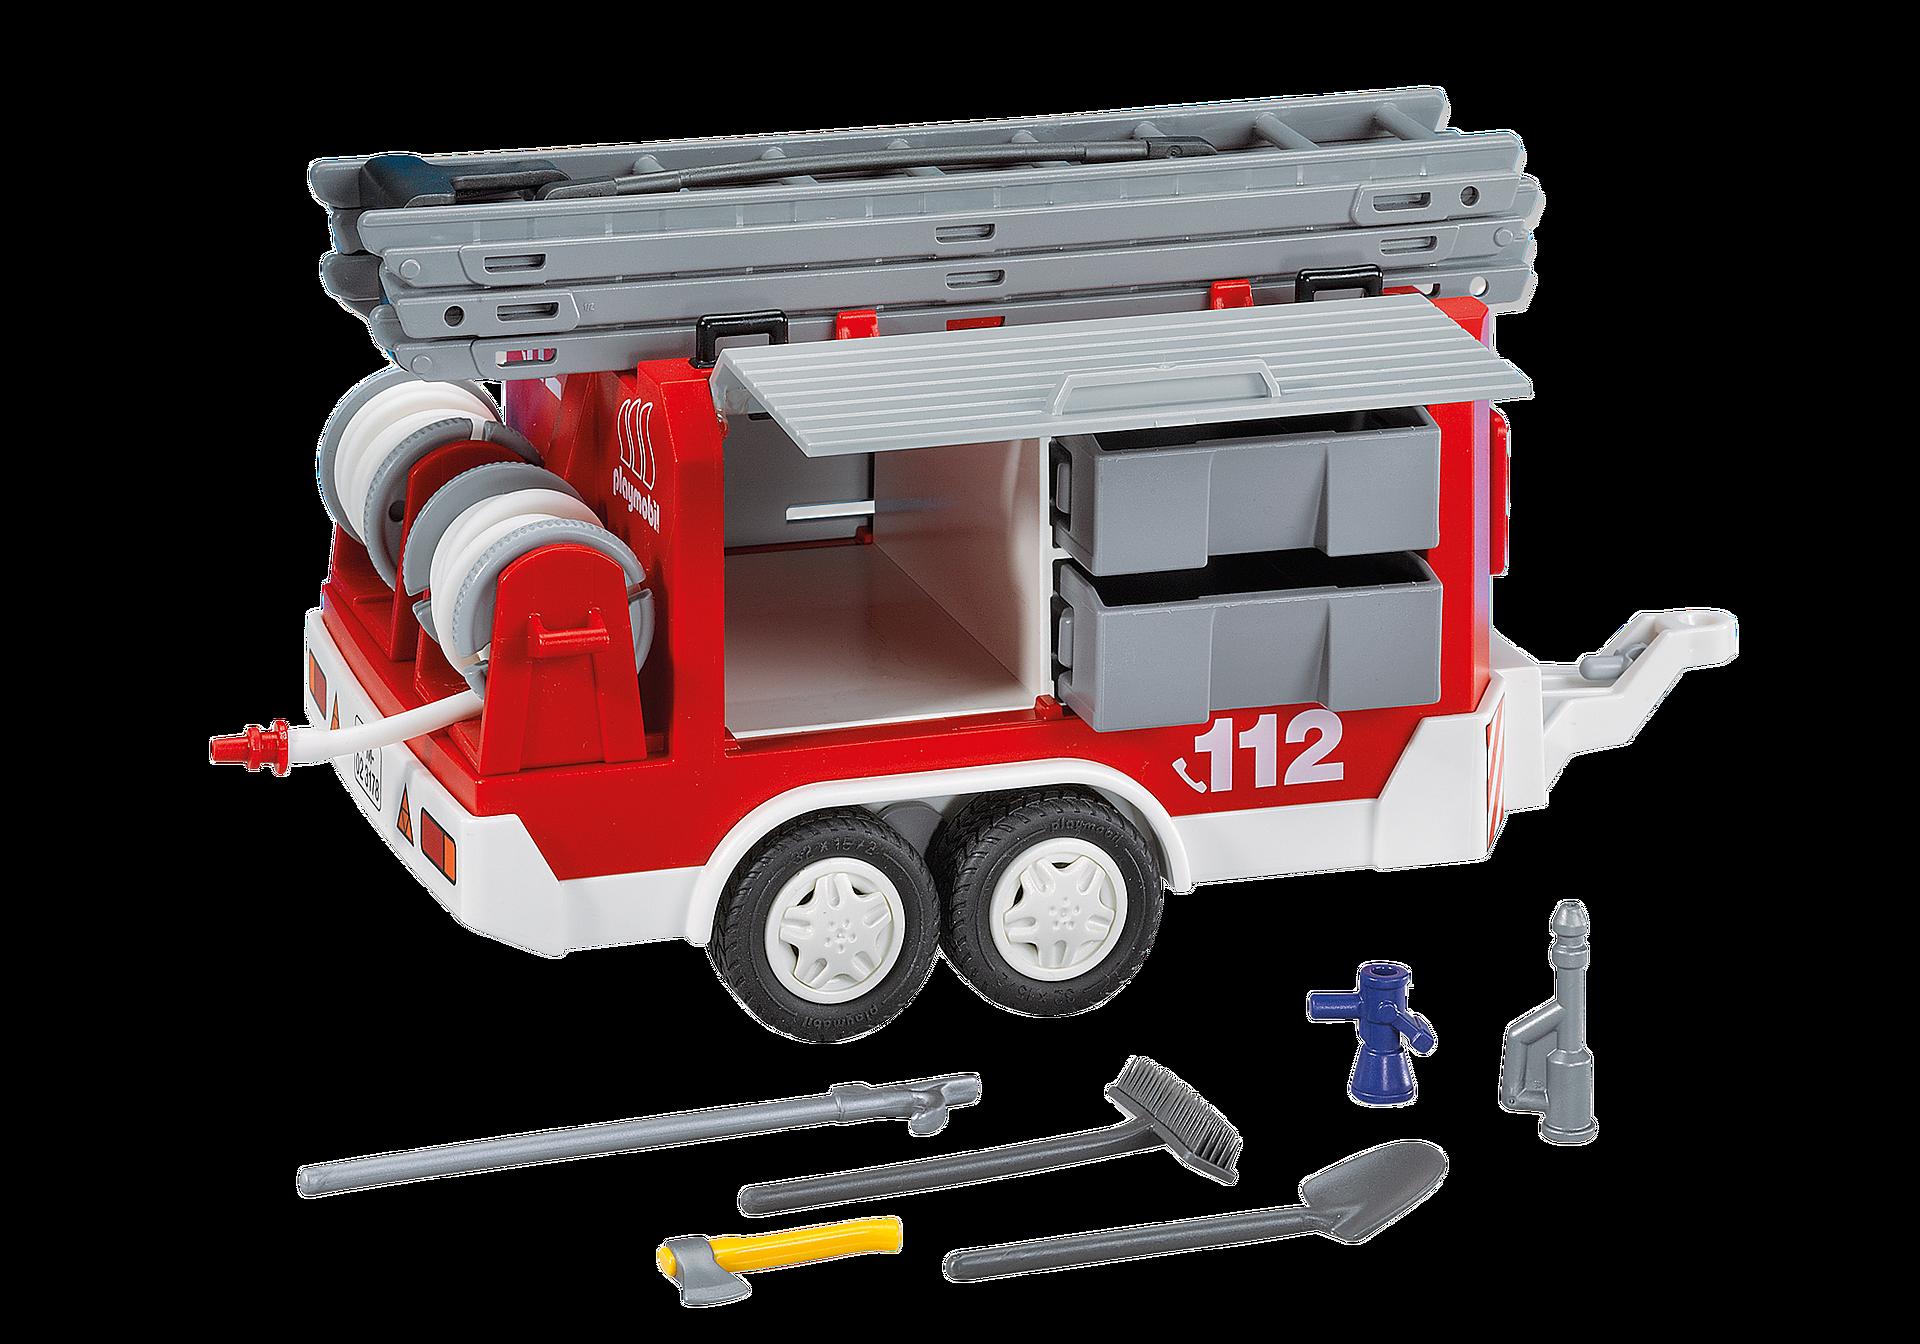 7485 Feuerwehr-Anhänger zoom image1